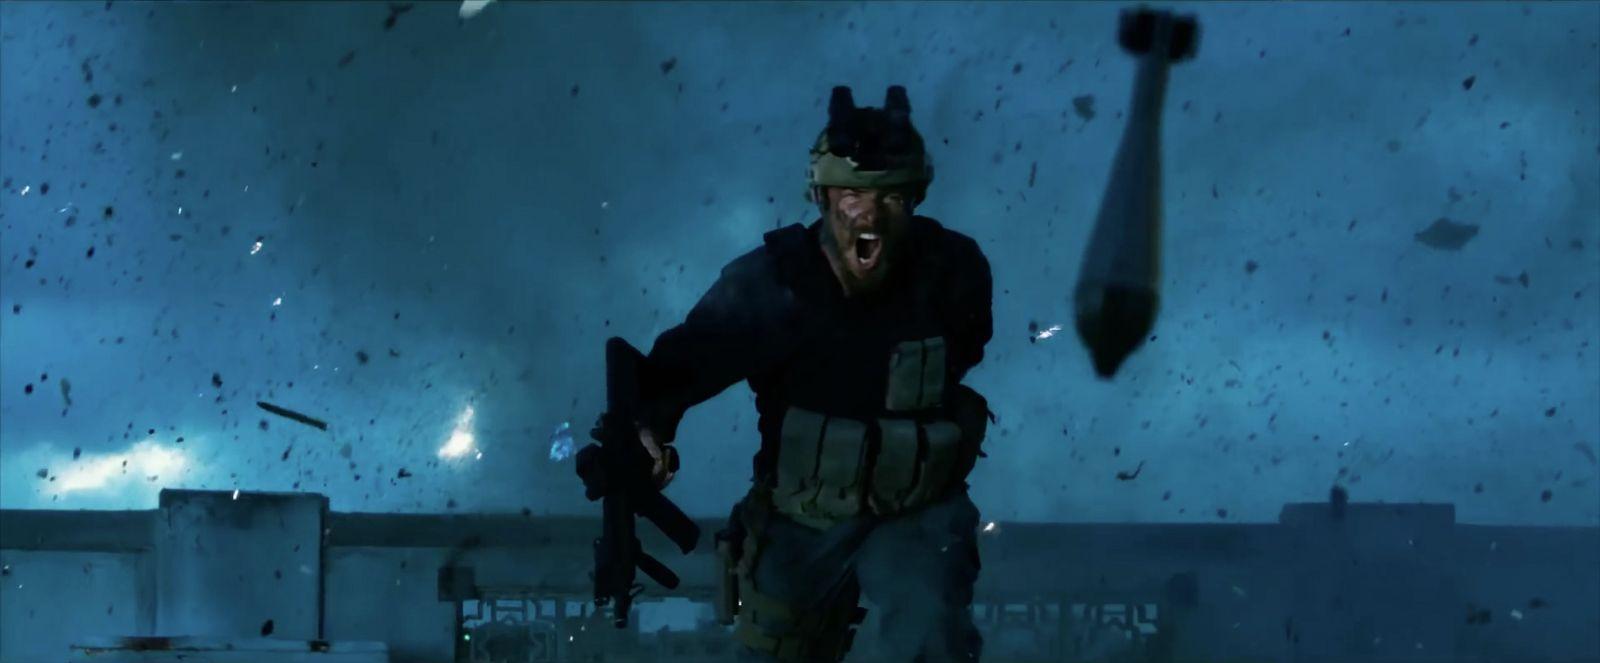 Film 13 hodín: Tajní vojaci z Bengházi (2016)